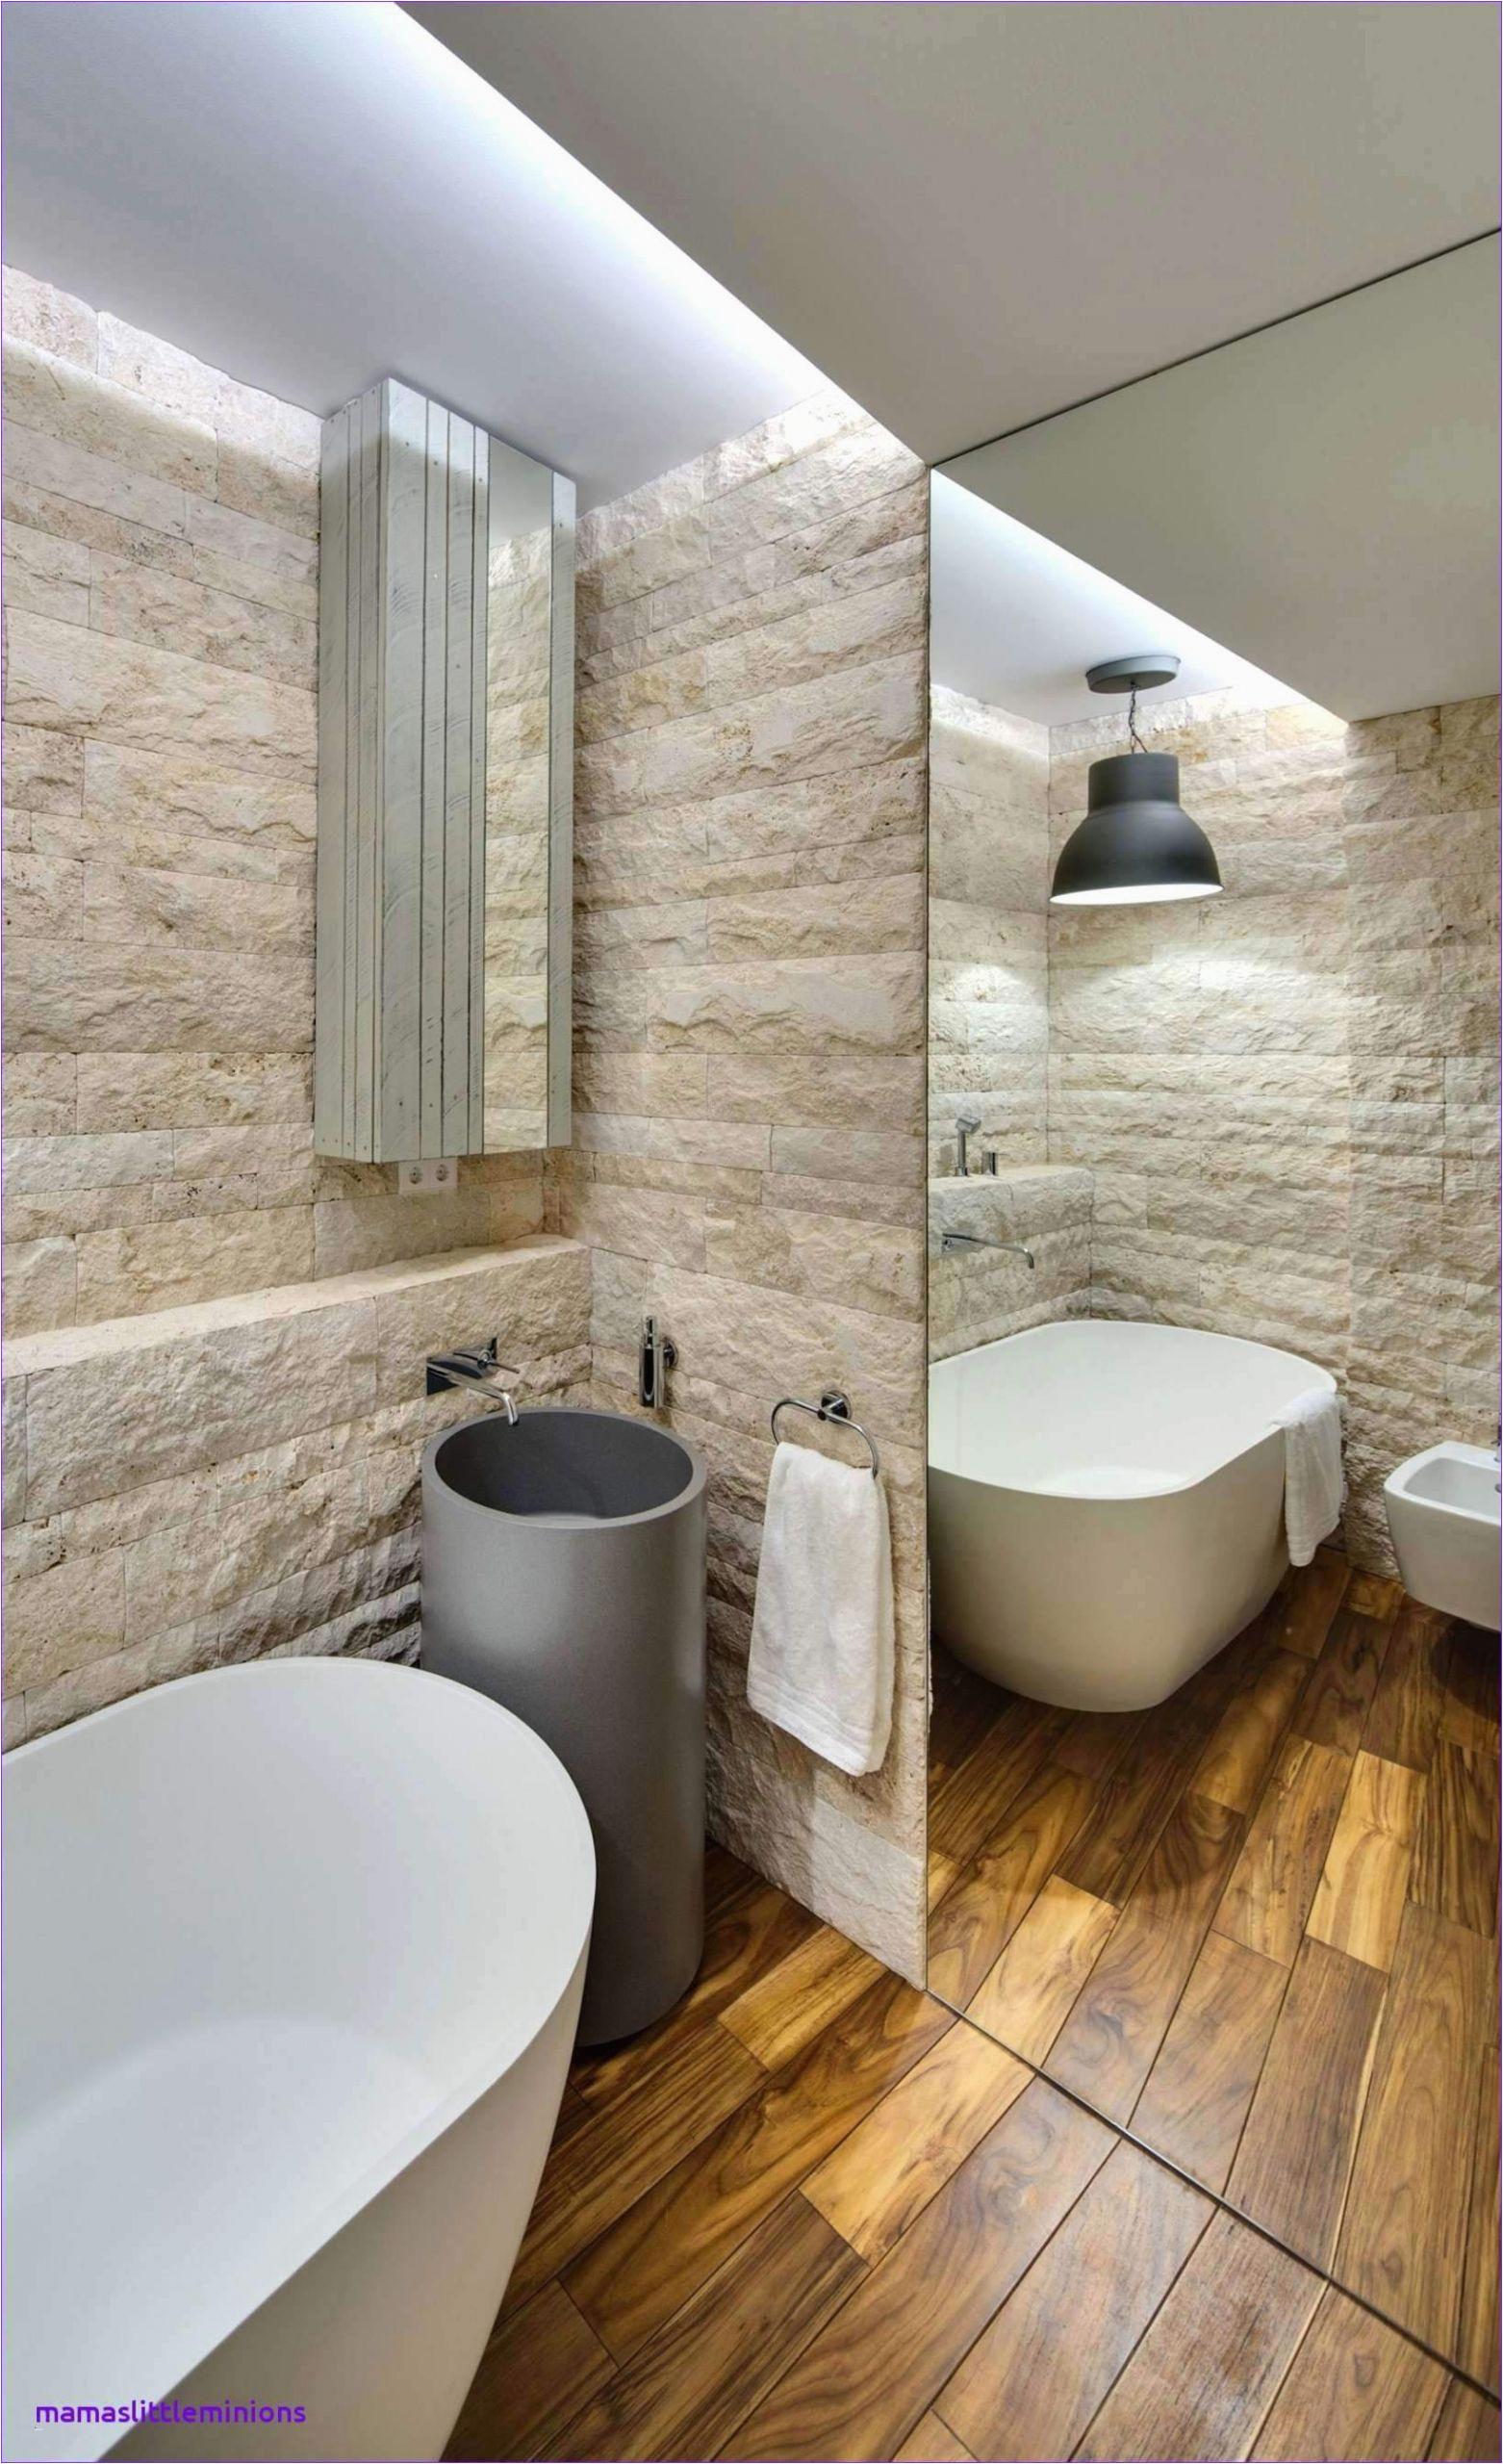 fliesen im wohnzimmer genial badezimmer holzoptik luxus pvc fliesen bad neu bad in of fliesen im wohnzimmer scaled